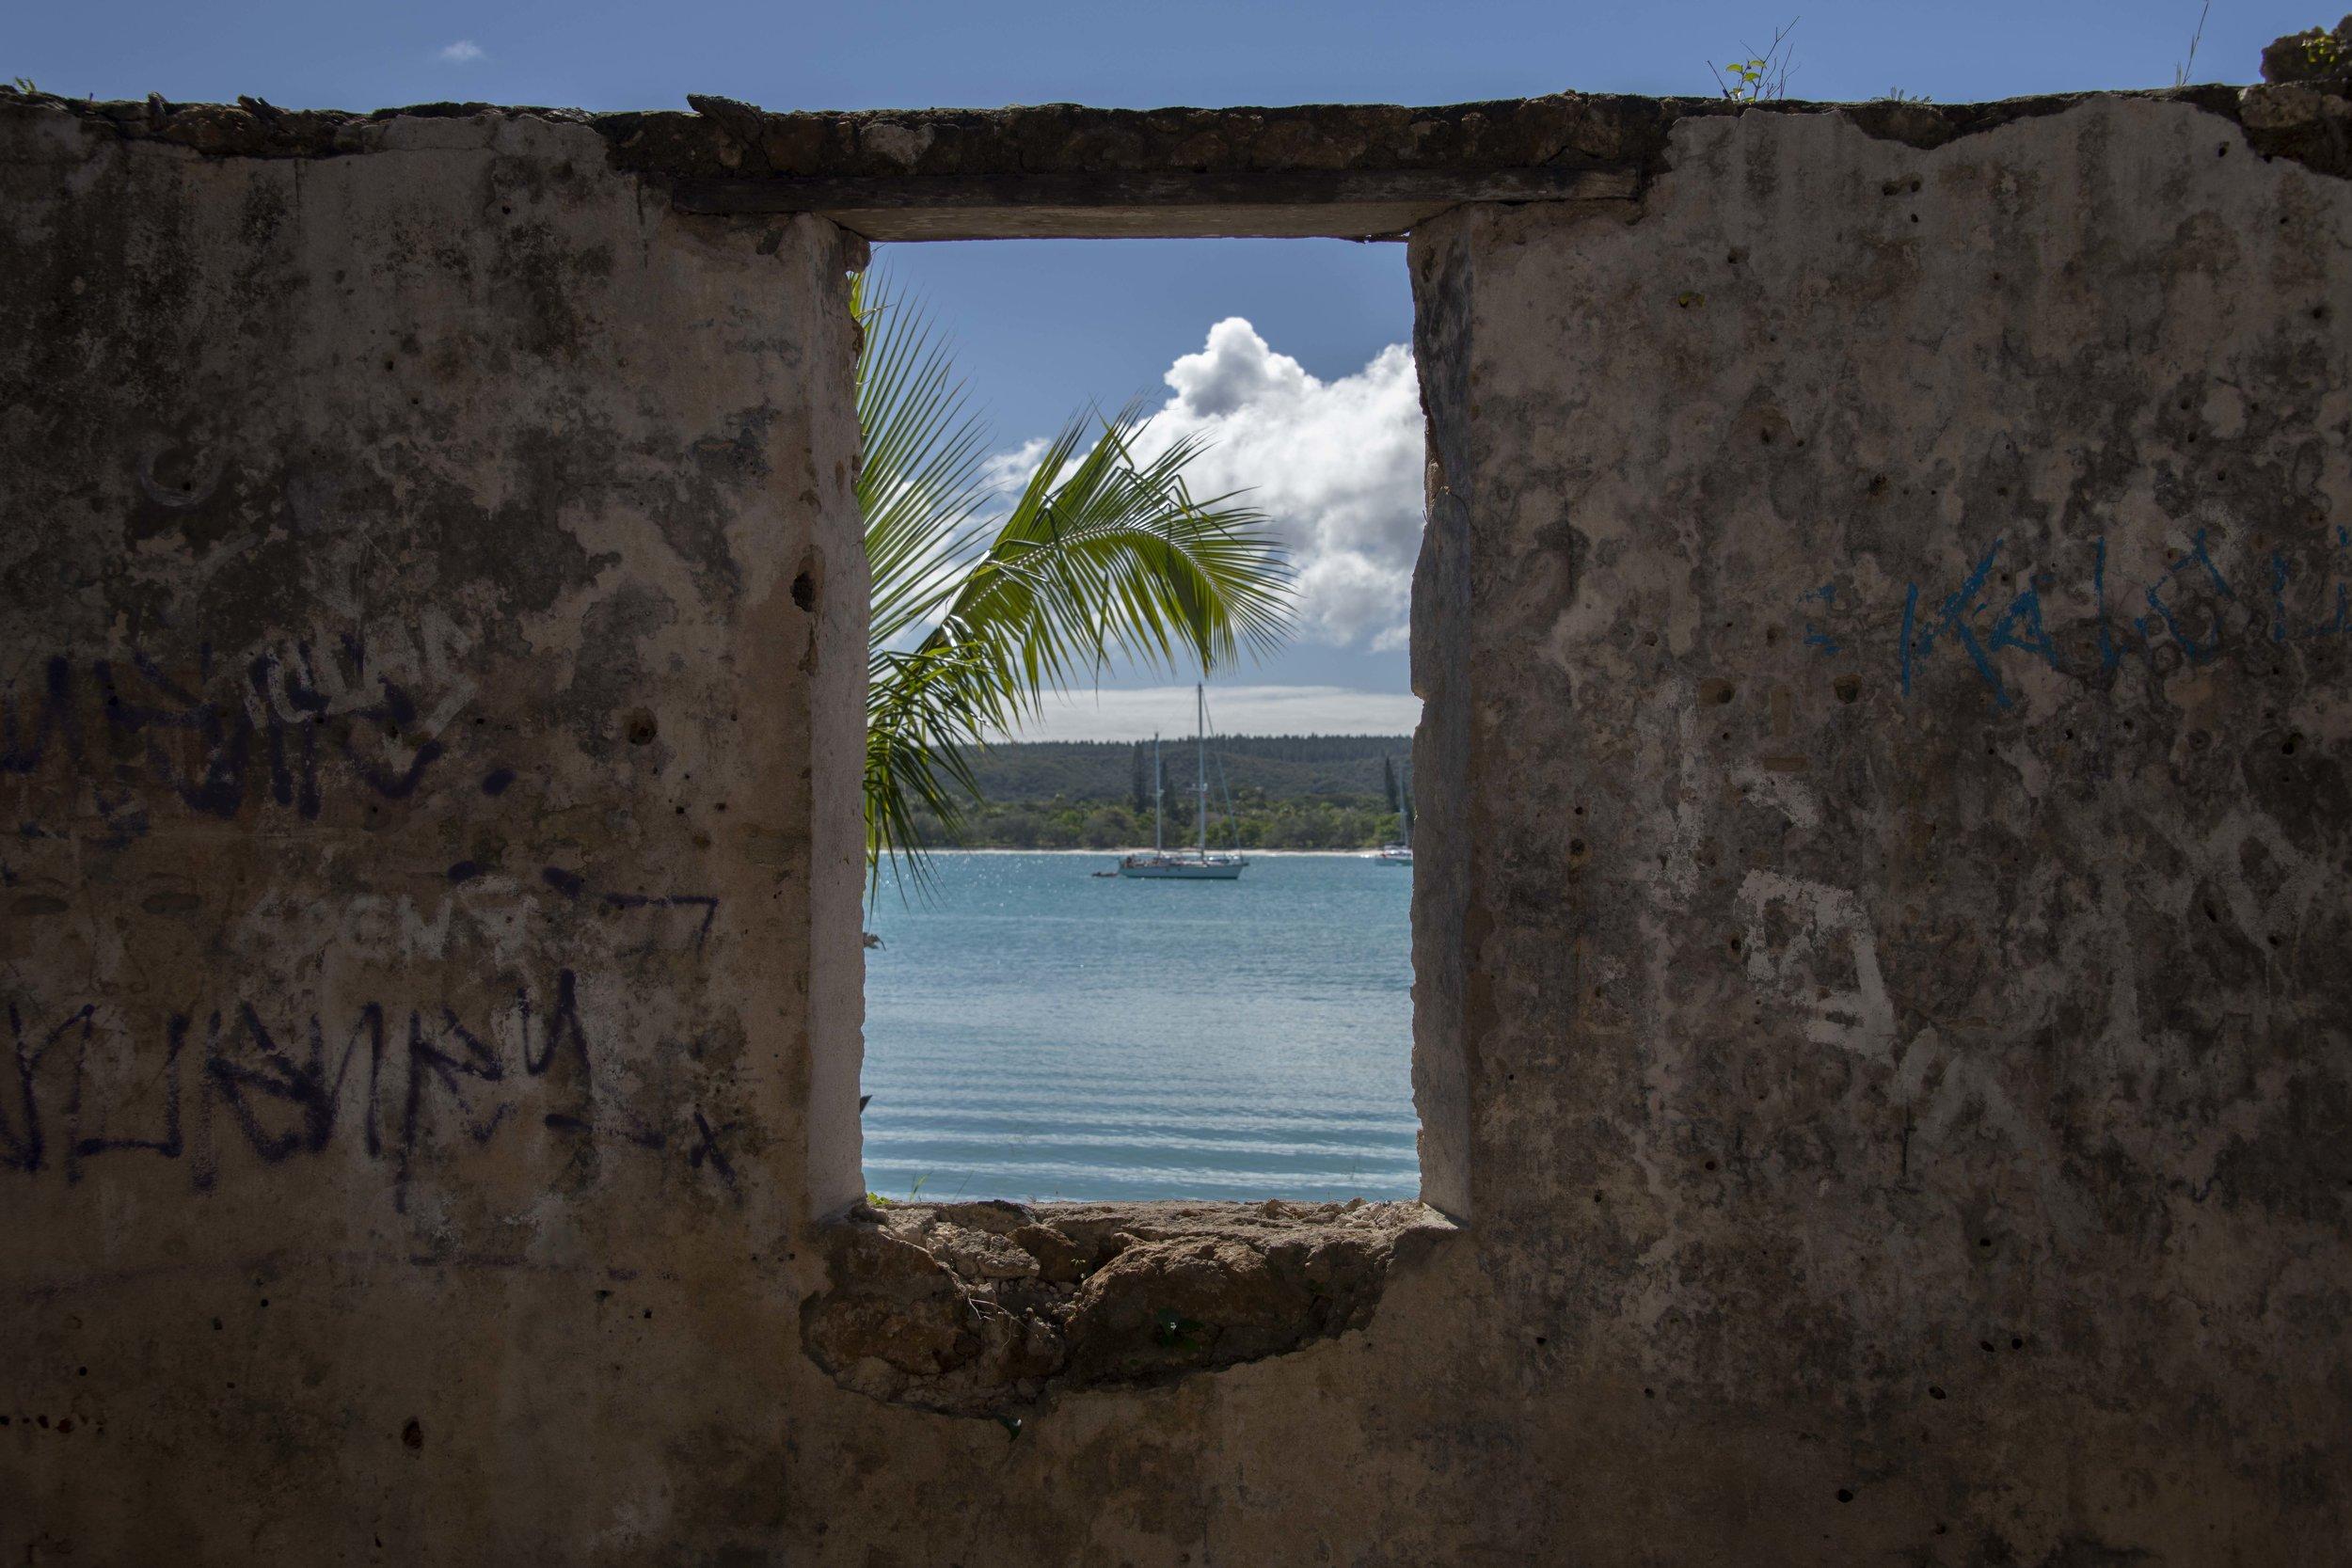 Ruins at Kuto Bay, Île des Pins, New Caledonia